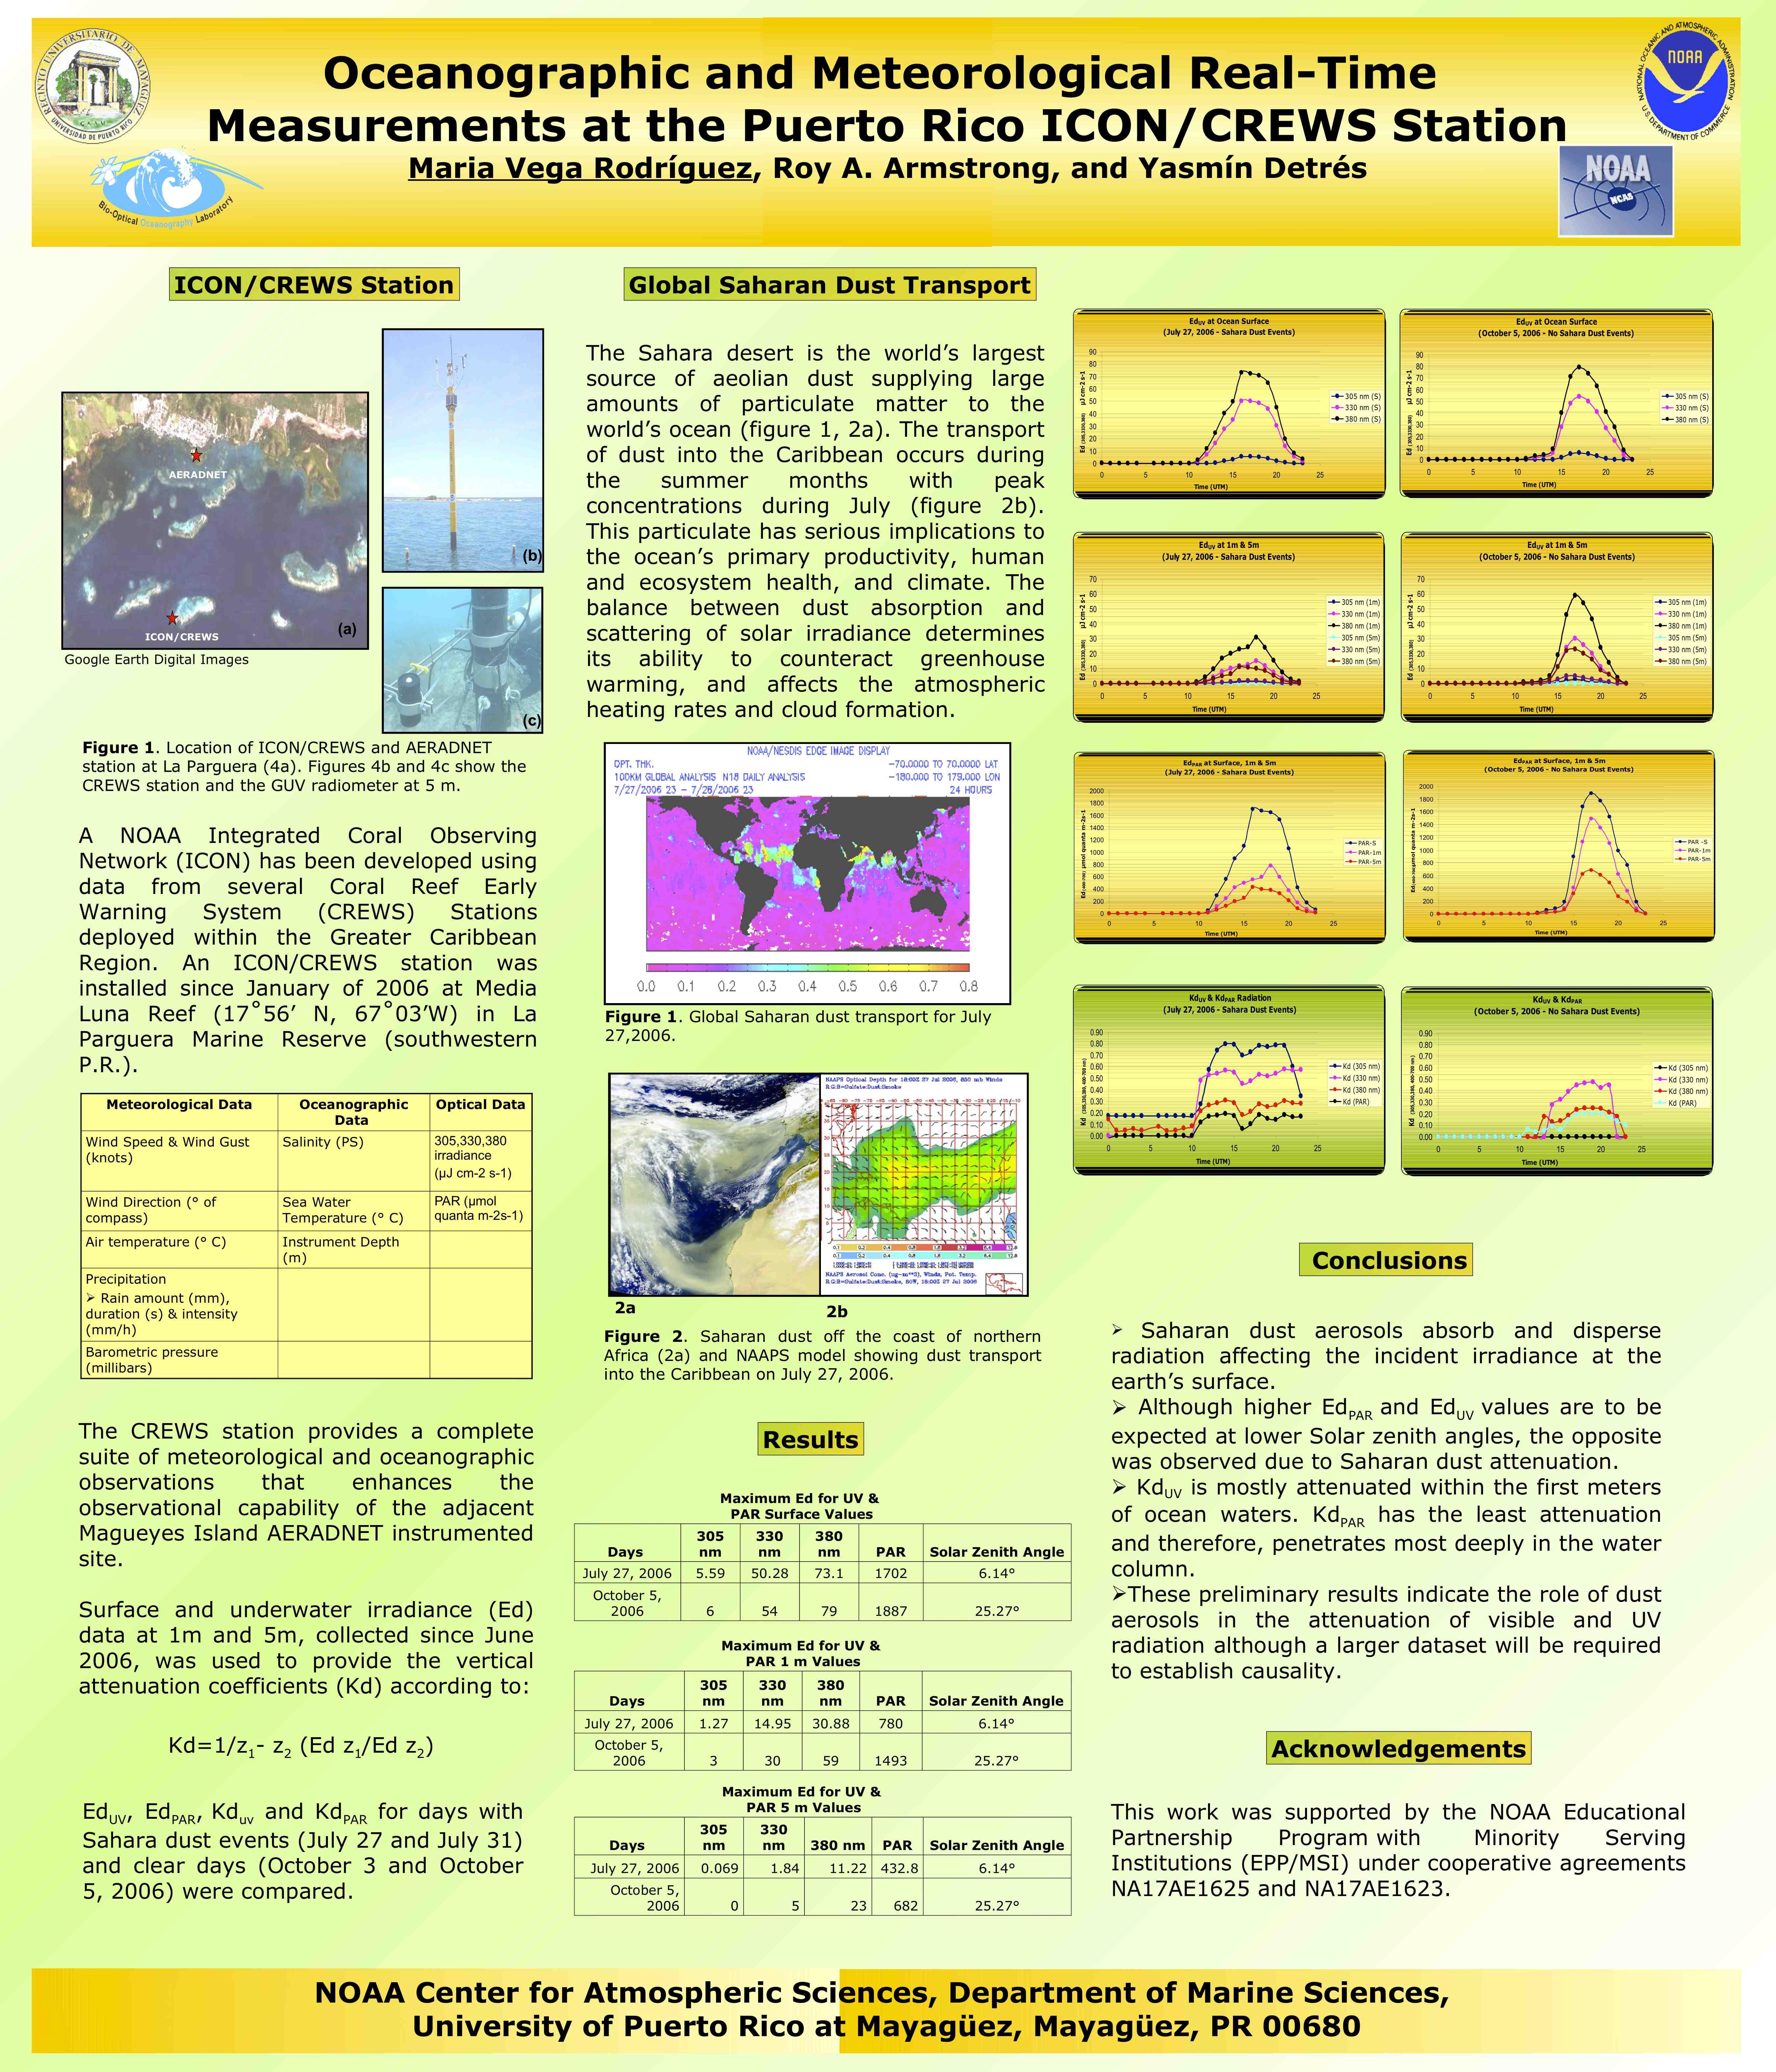 NCAS Poster Presentation